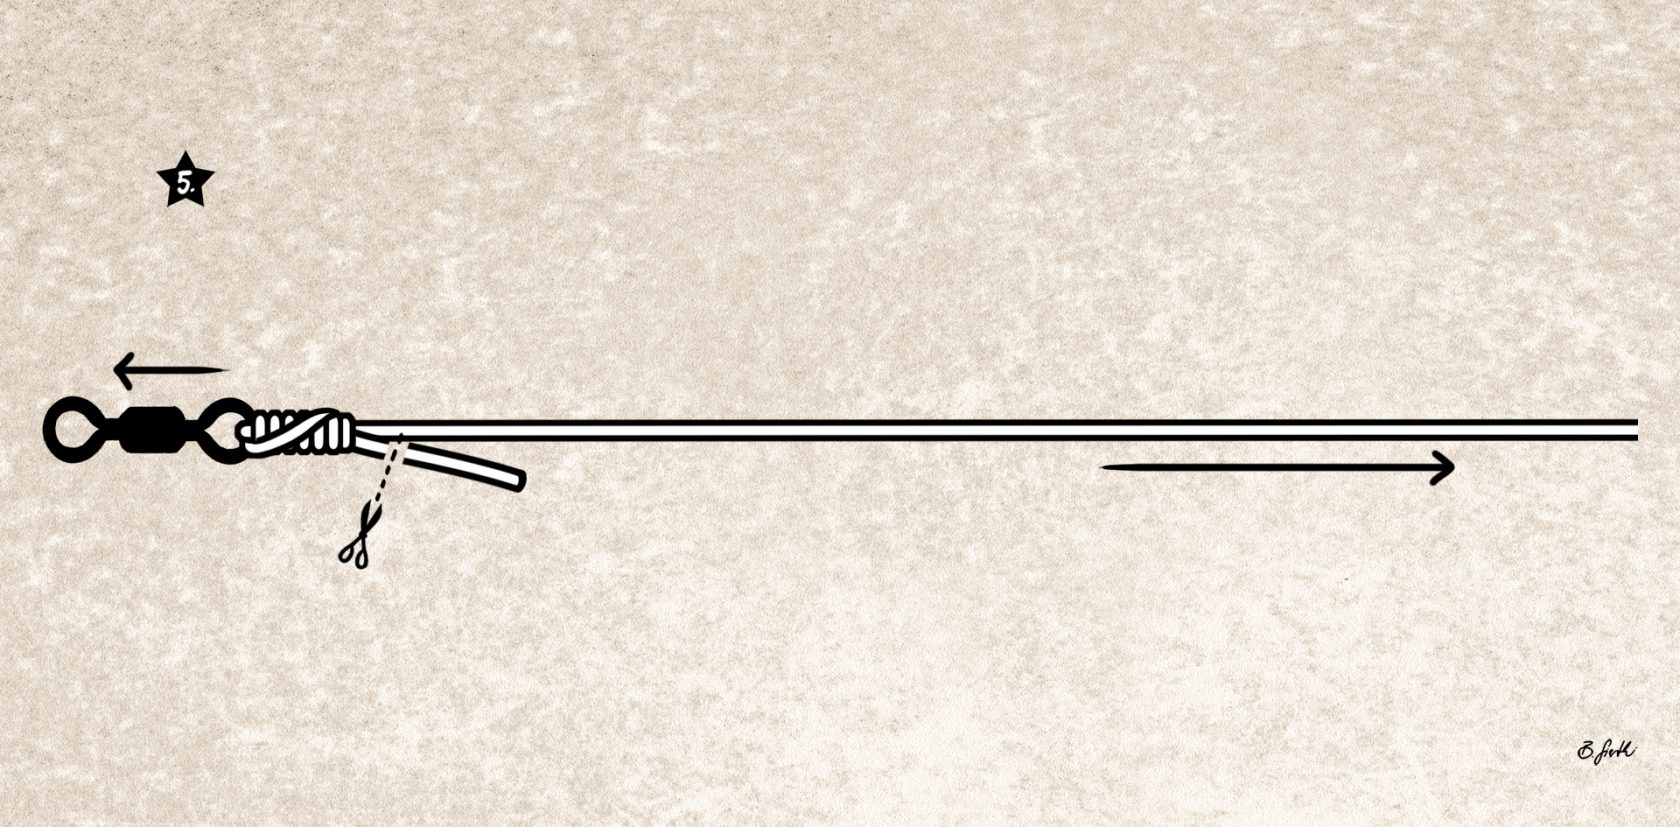 Der Angelknoten für Mono und Geflochtene: der San Diego Jam-Knoten